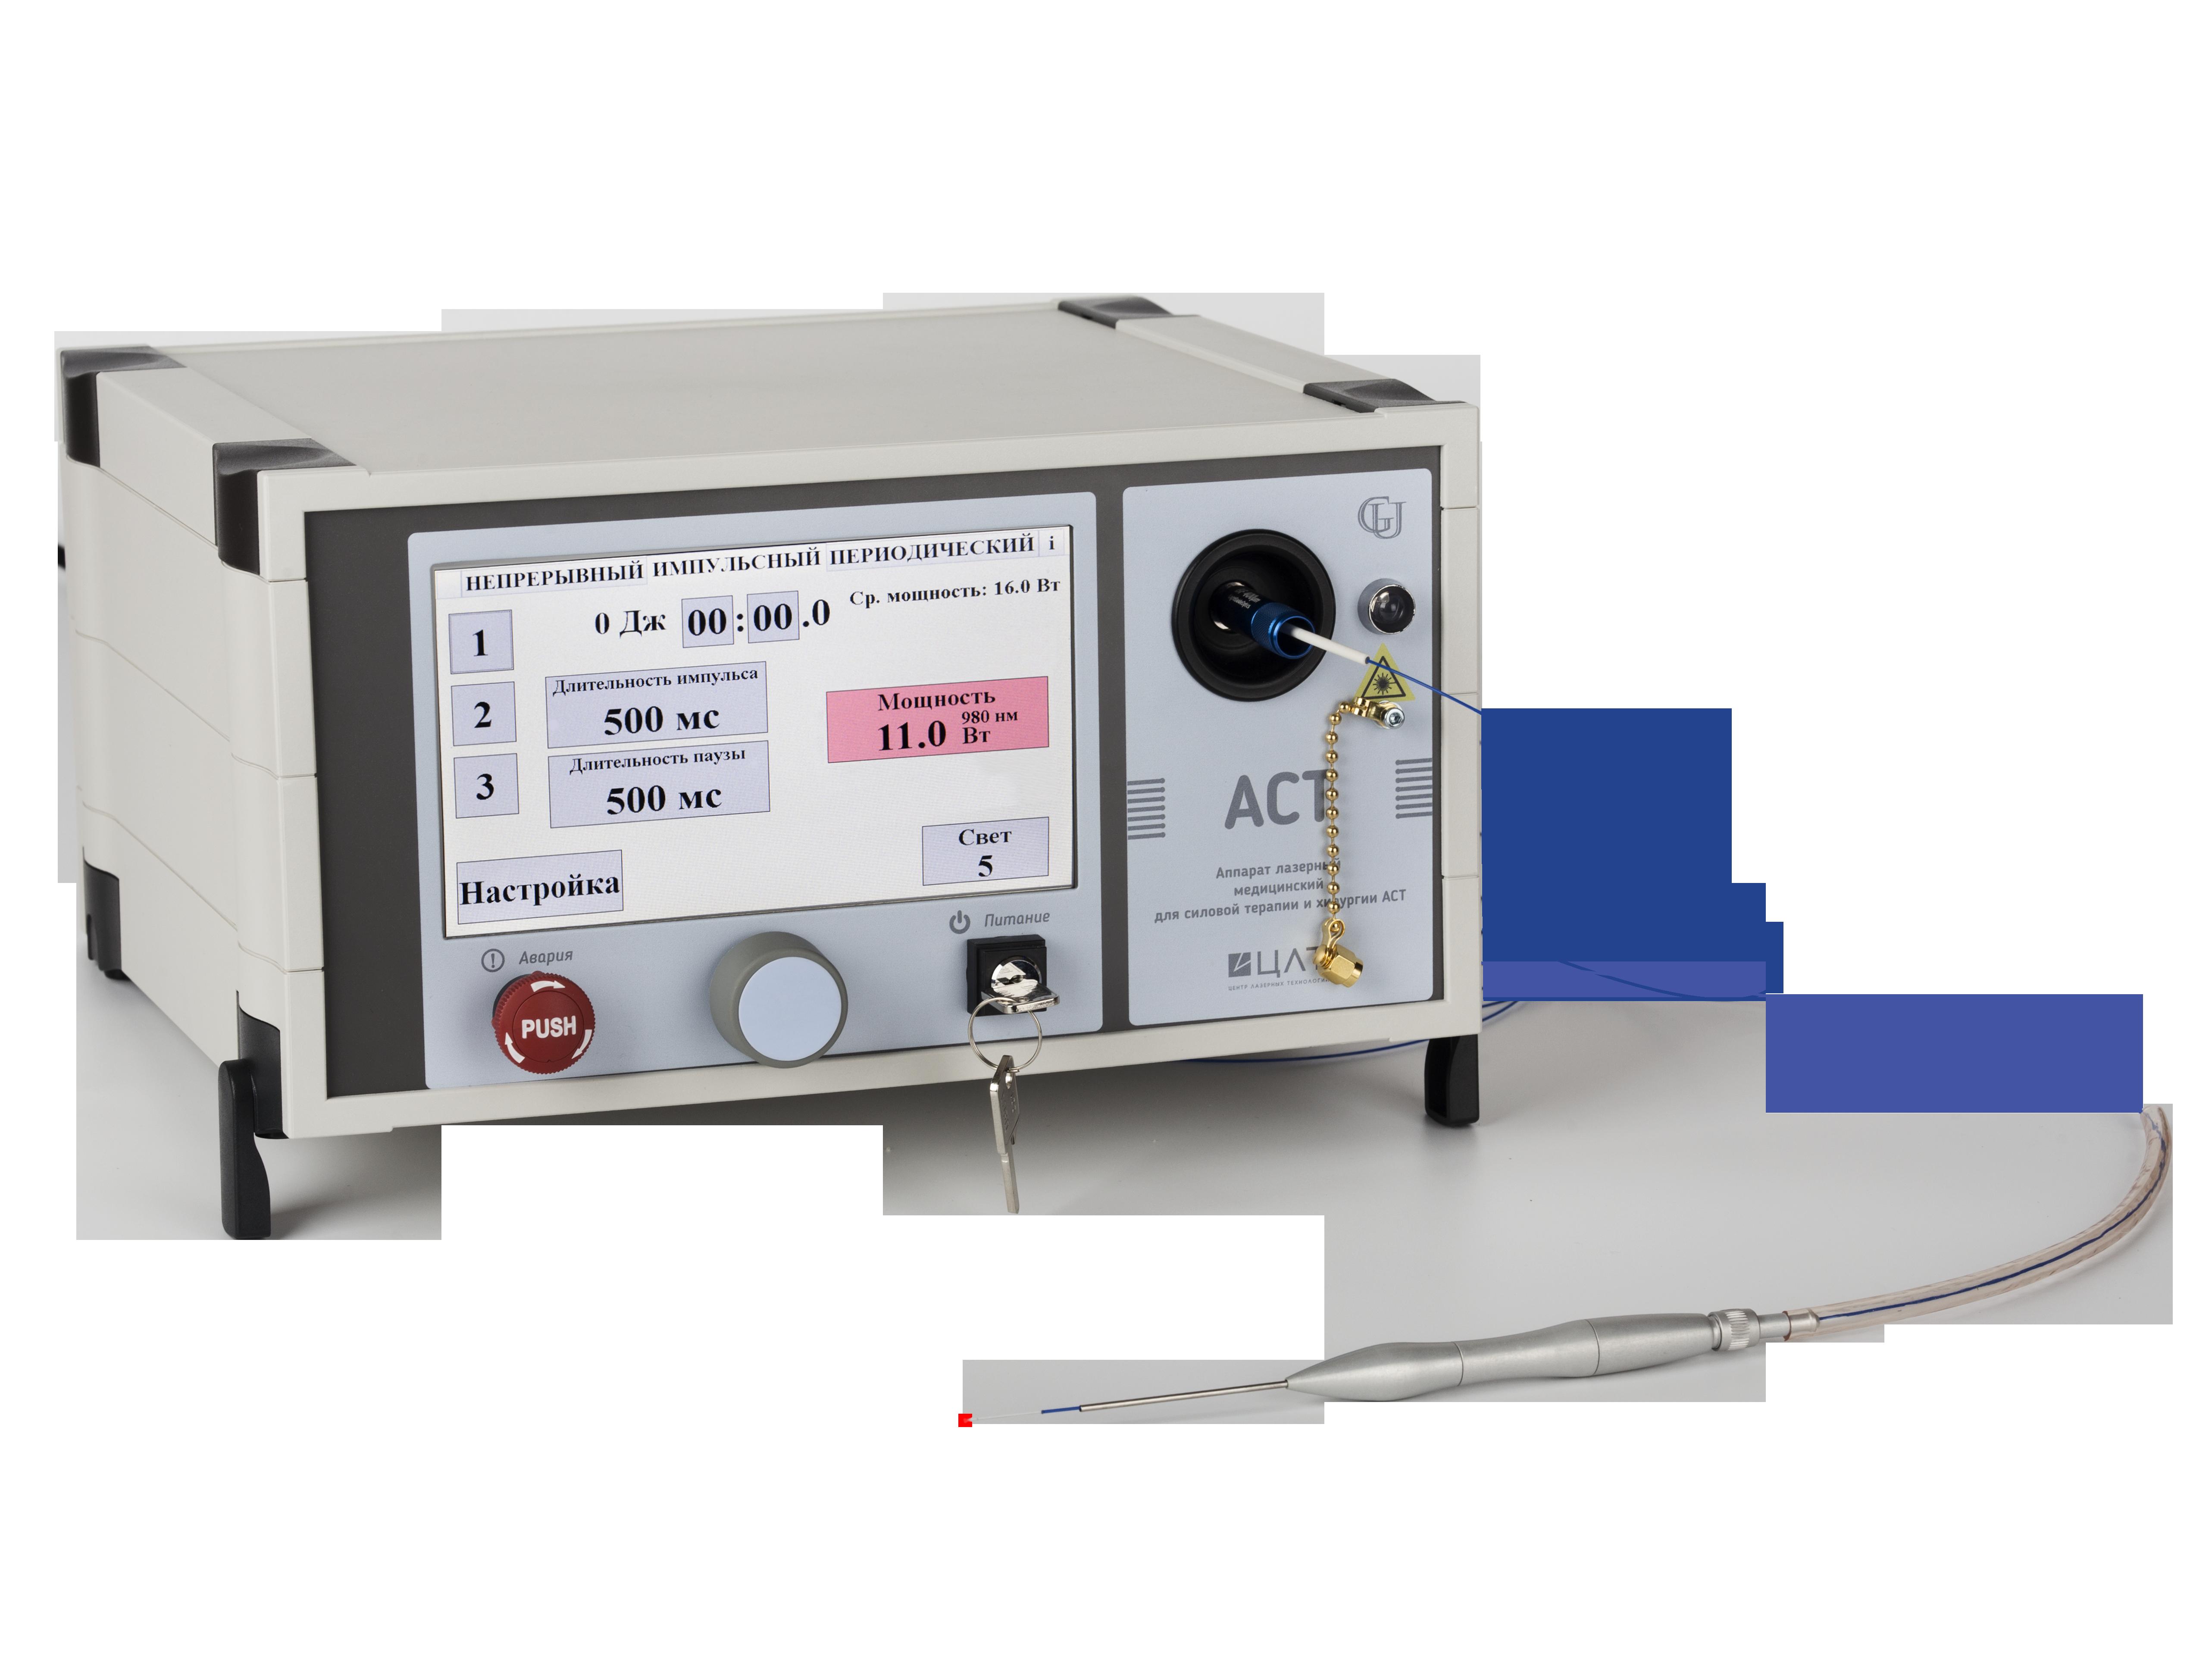 Аппарат лазерный для резекции и коагуляции: что это такое, где применяется